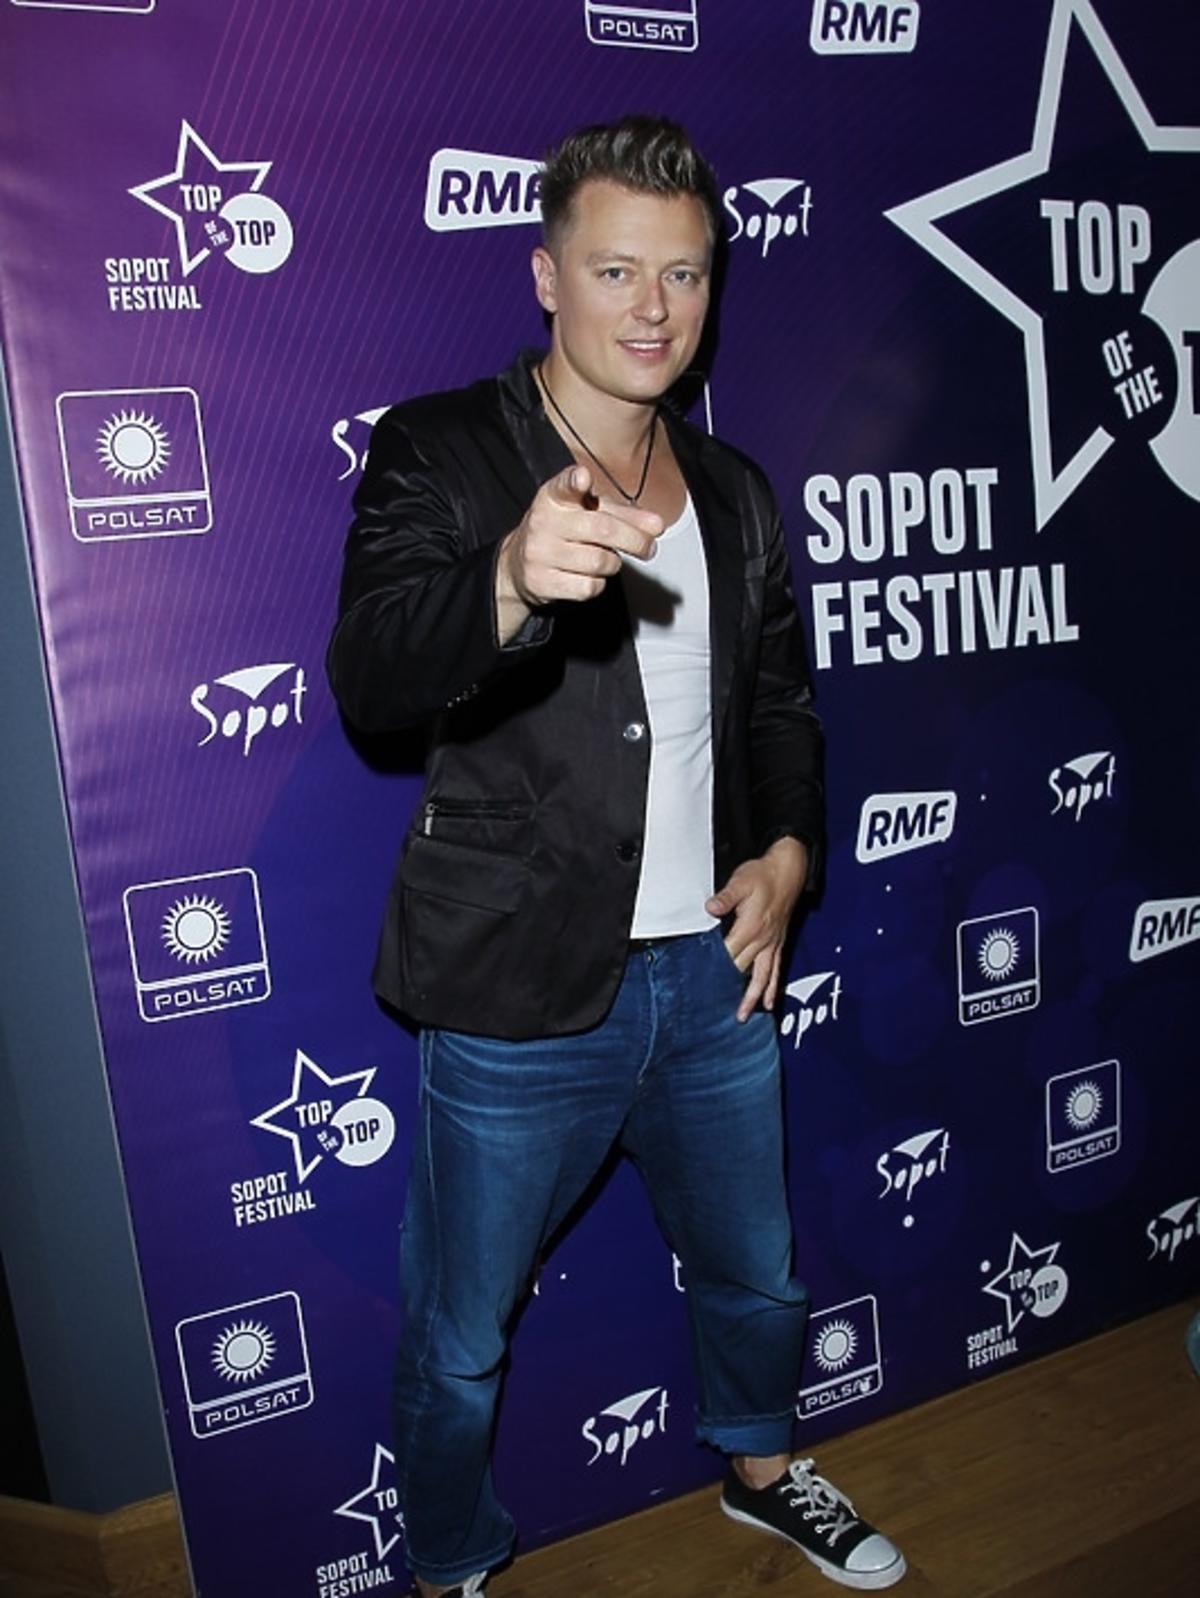 Rafał Brzozowski na festiwalu Top of the Top 2013 w Sopocie